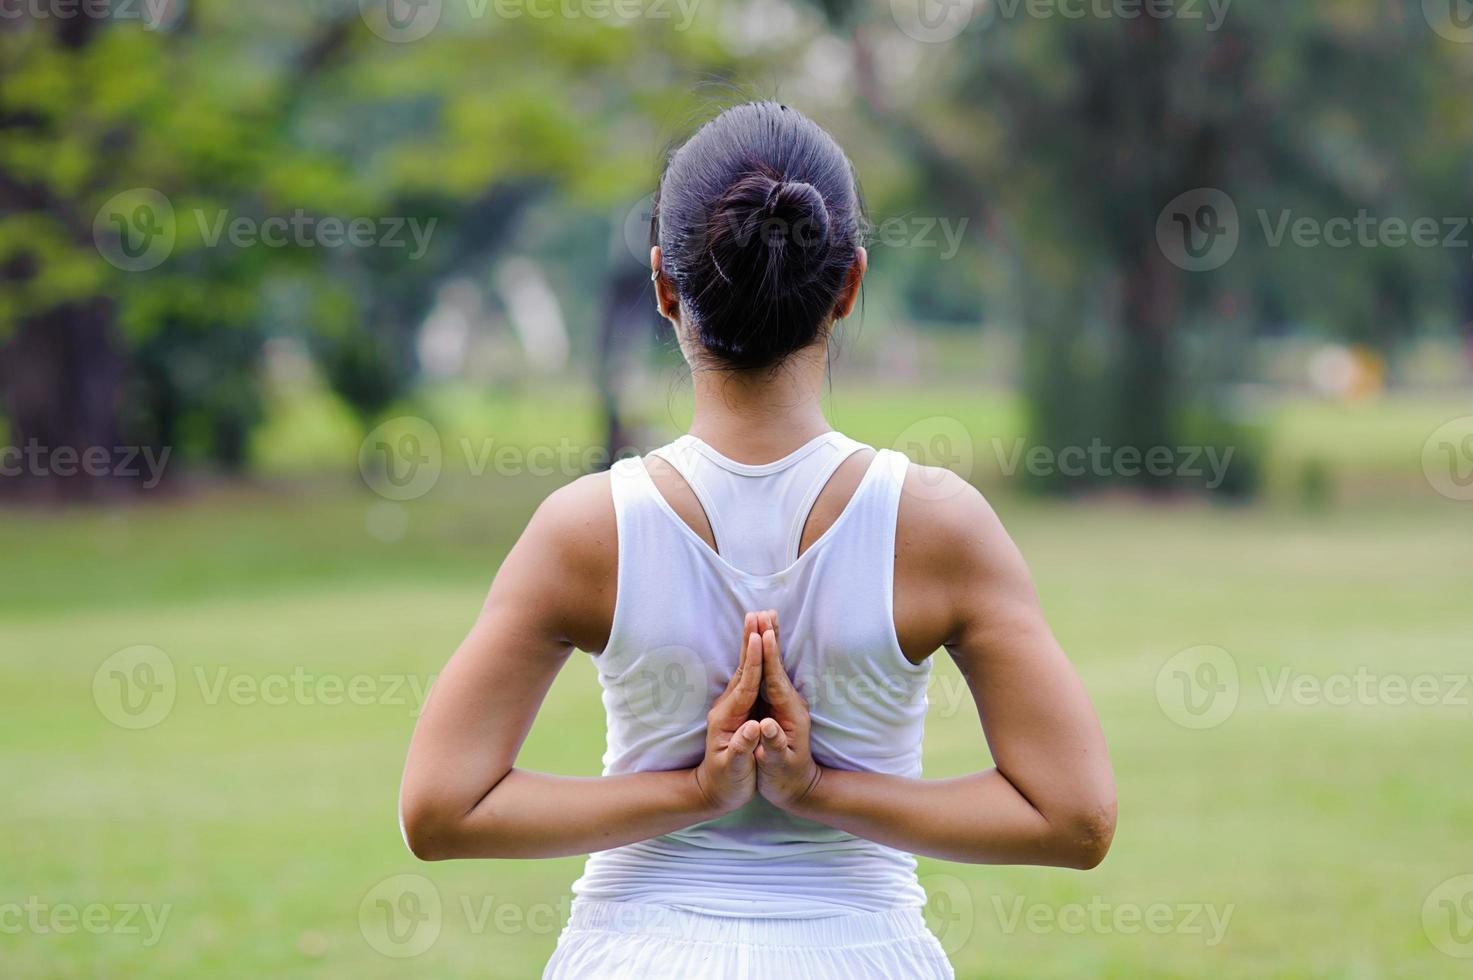 hermosa mujer practicando yoga en el parque foto